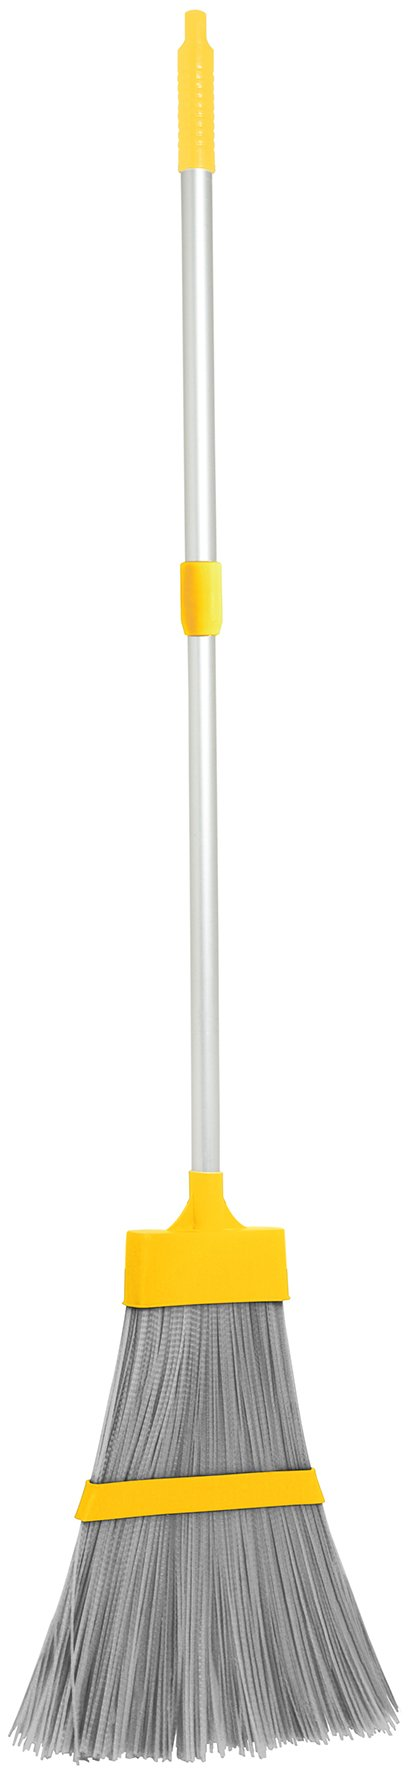 Веник садовый, ручка телескопическая Apex, арт. 11673